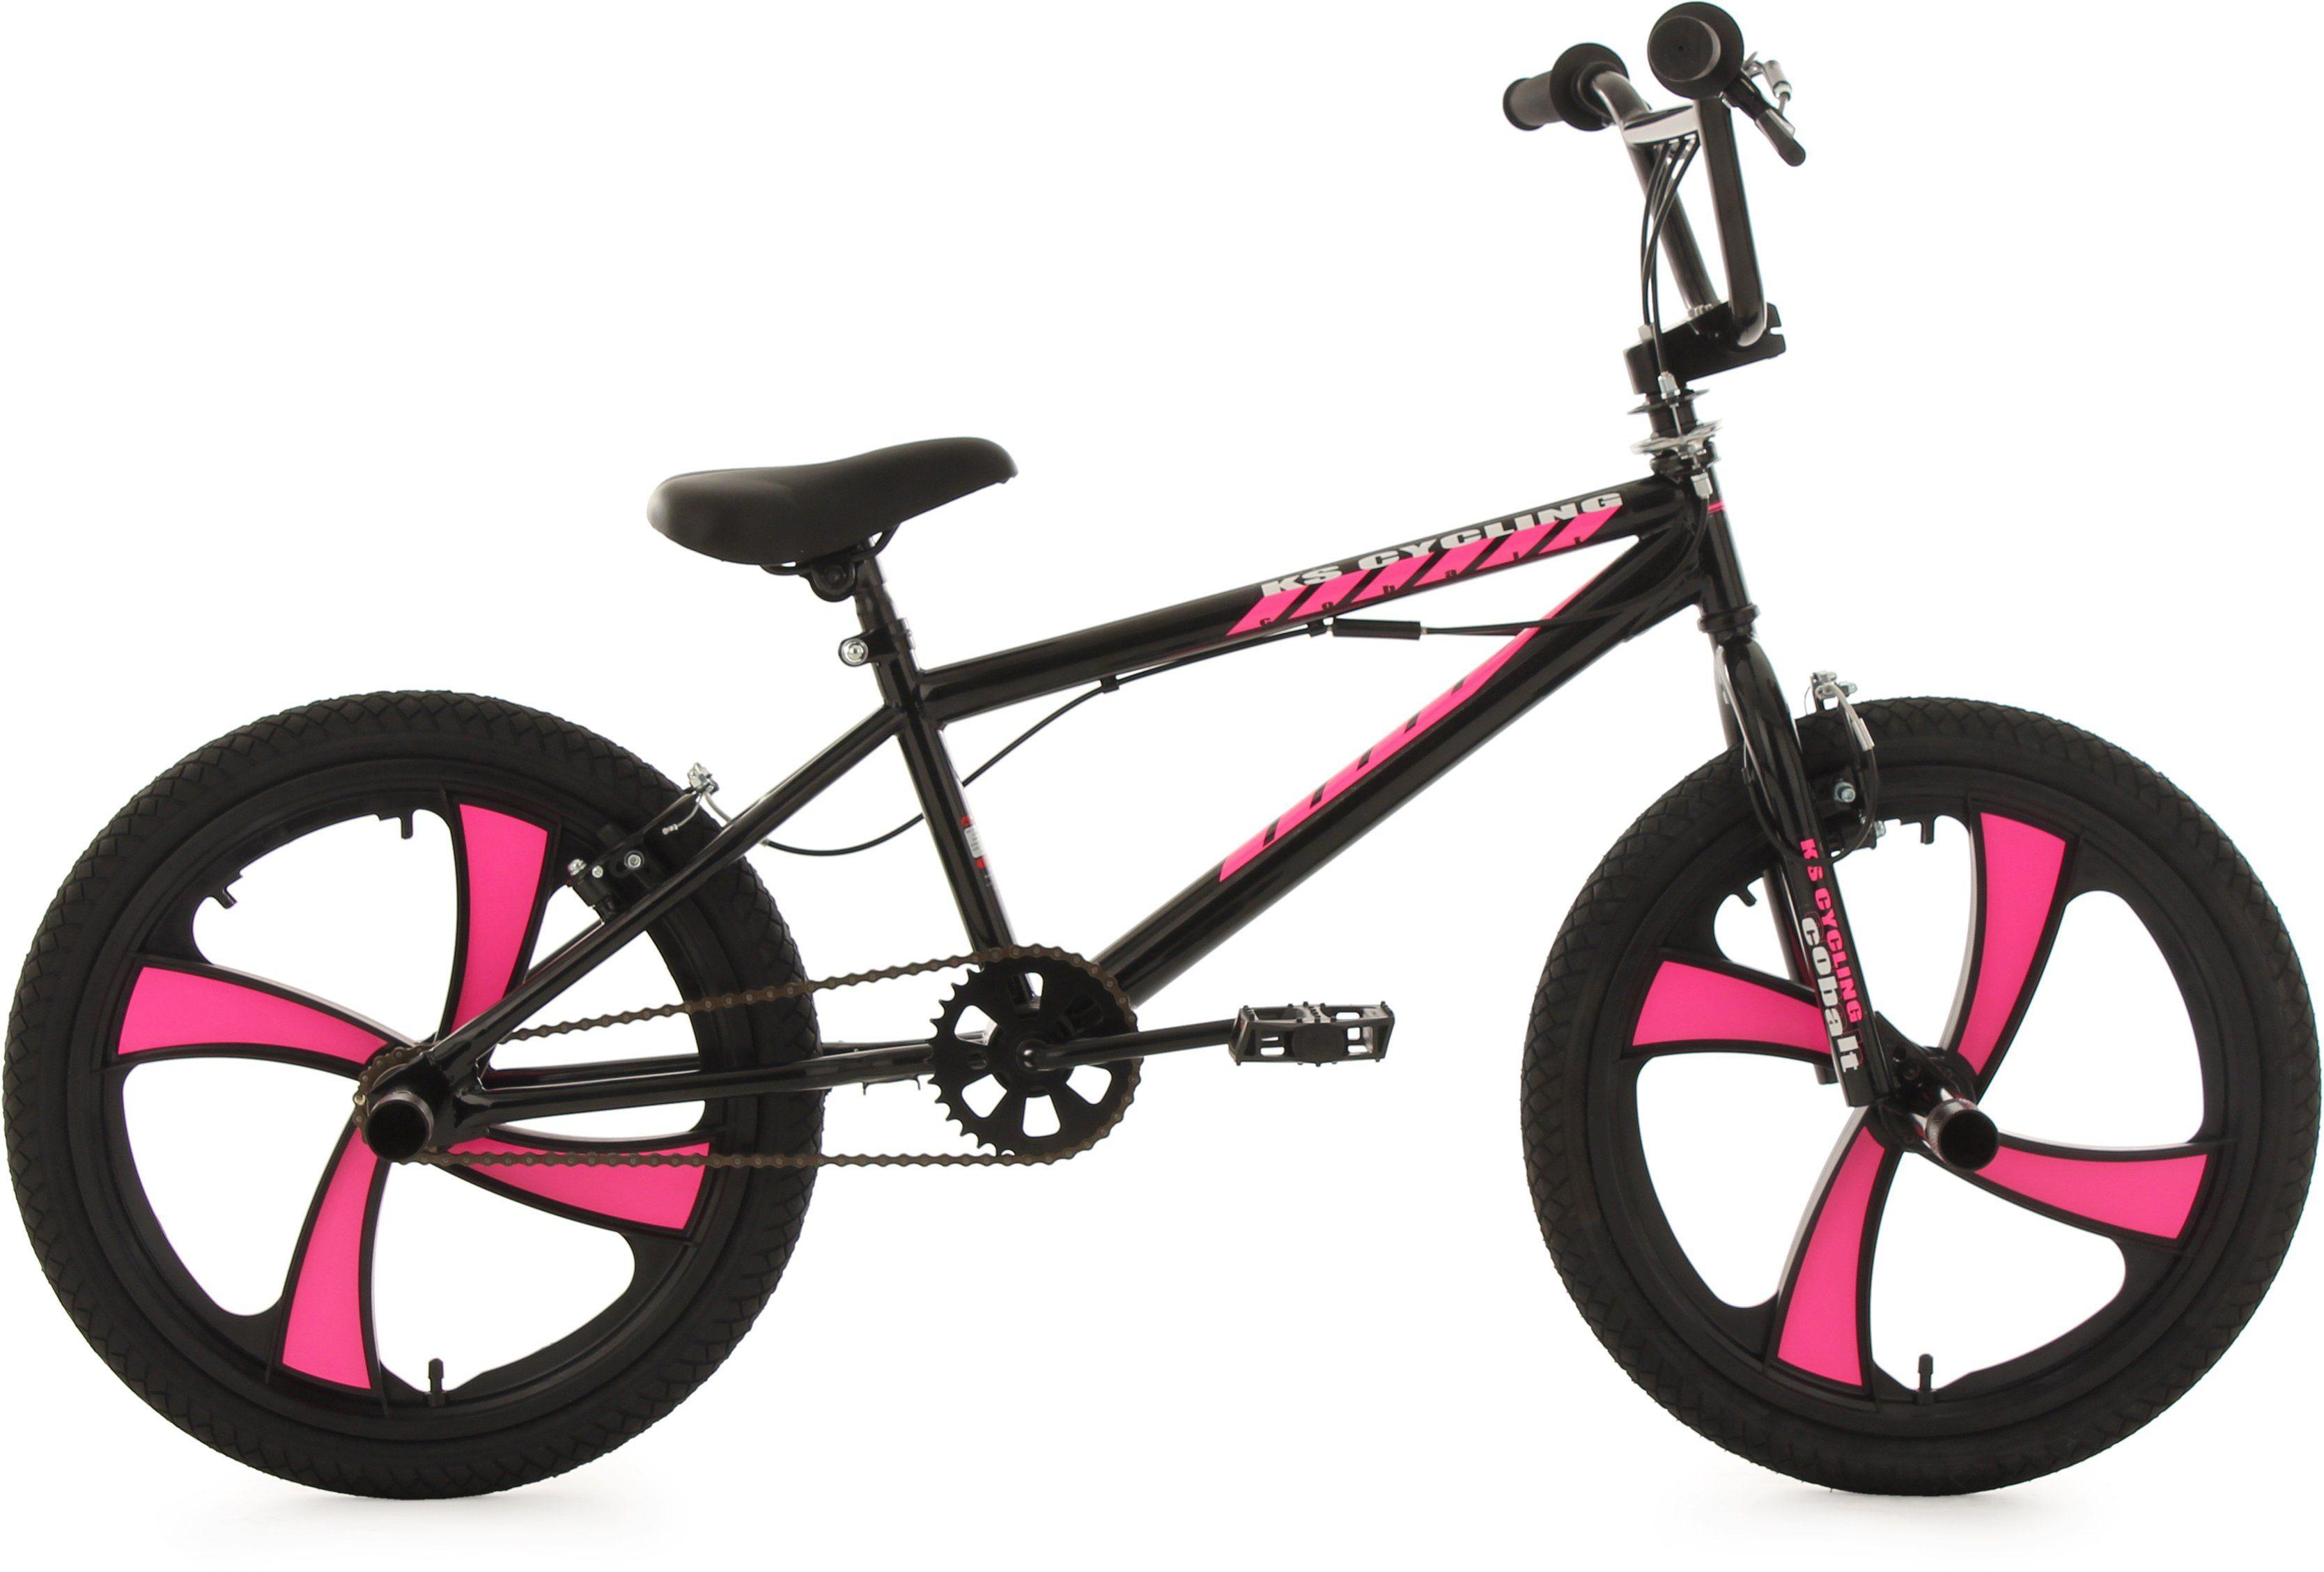 KS Cycling BMX Fahrrad, 20 Zoll, schwarz-pink, »Cobalt«